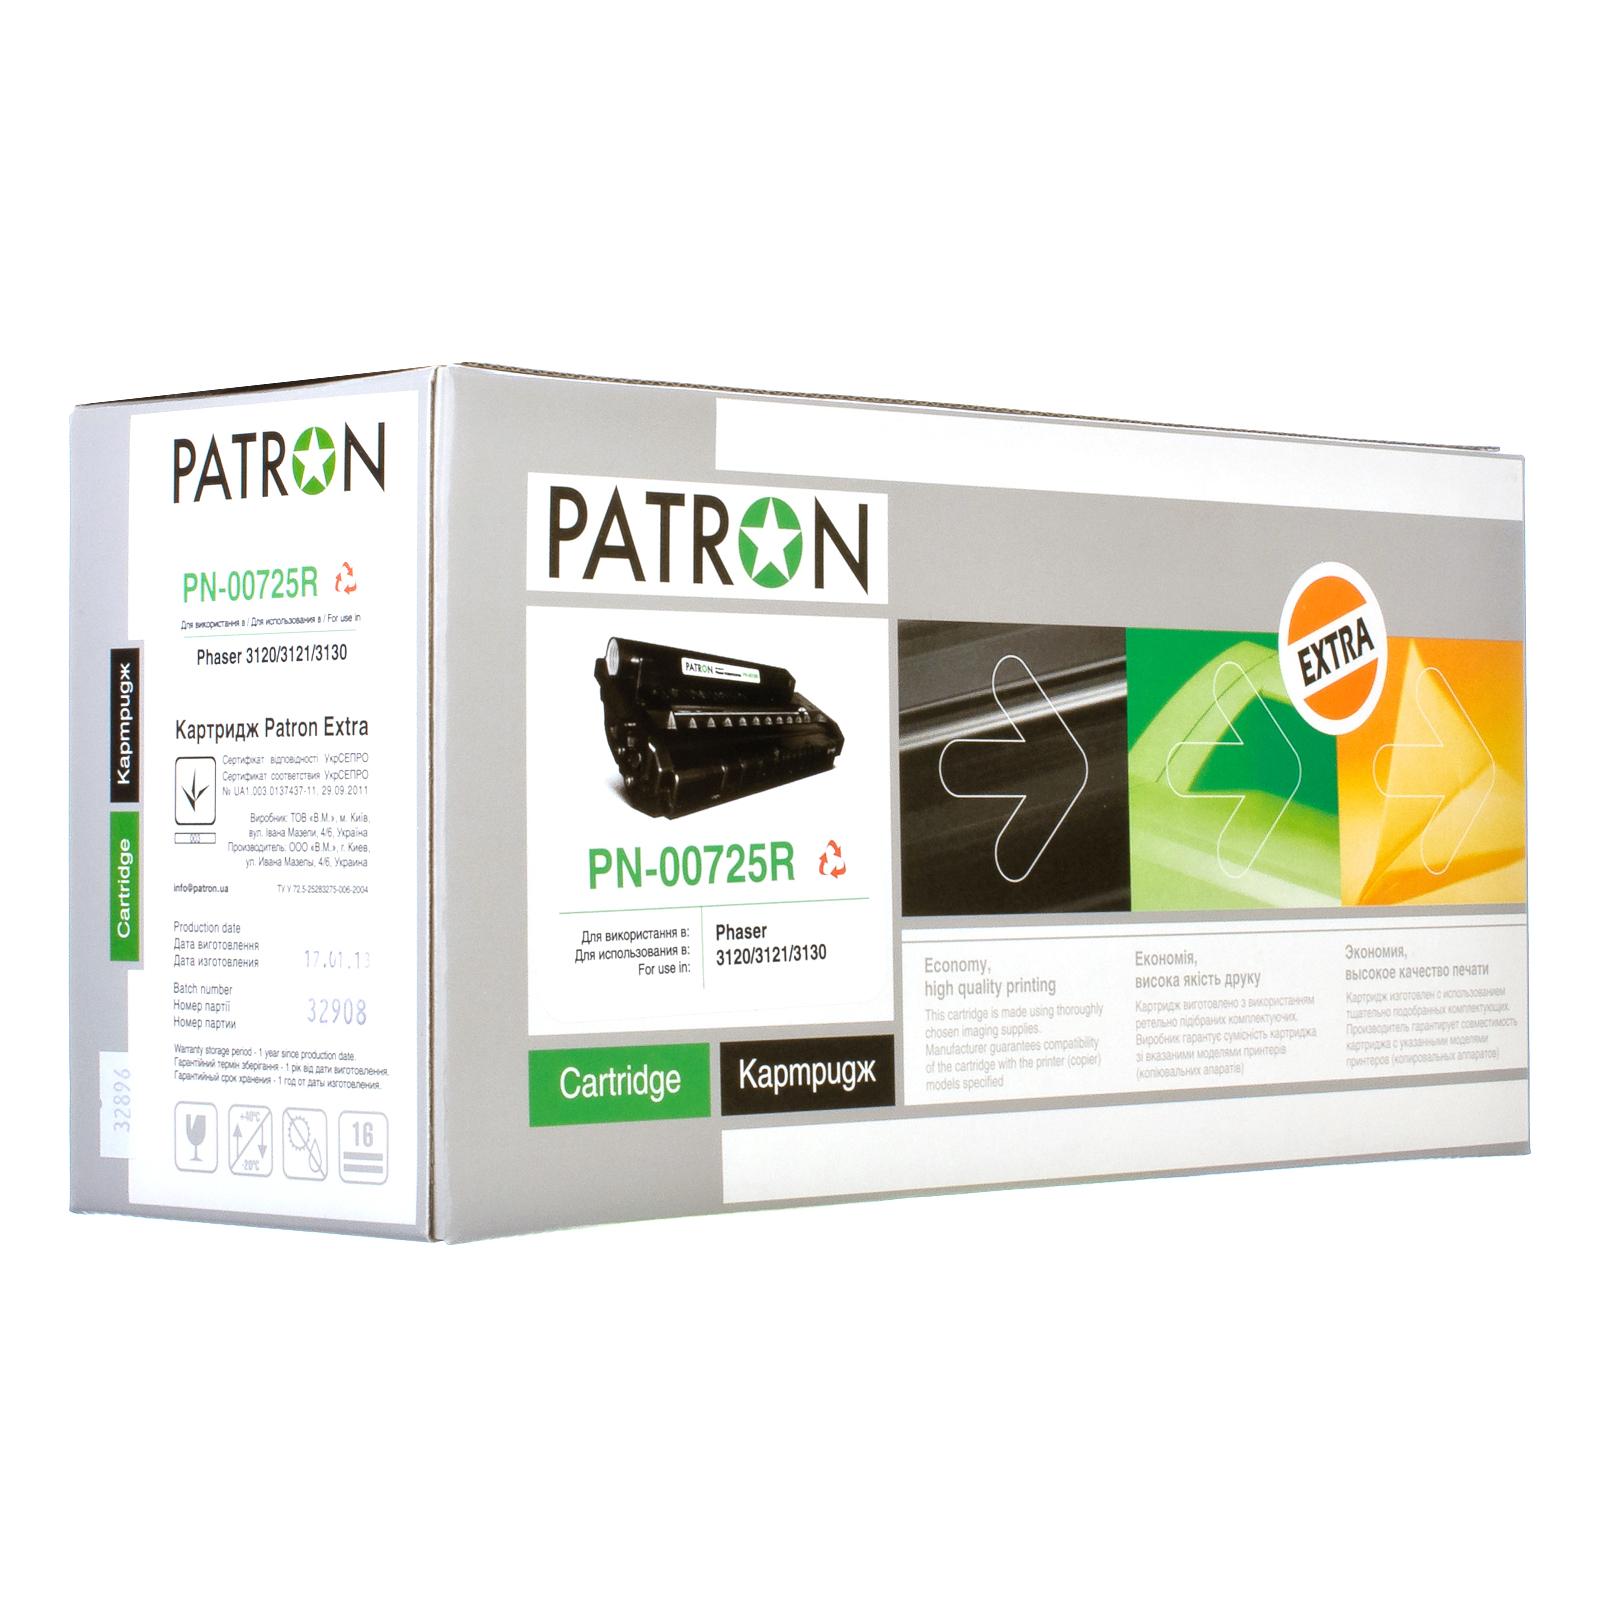 Картридж PATRON XEROX Ph 3120 (PN-00725R) 109R00725 Extra (CT-XER-109R00725-PNR) изображение 2